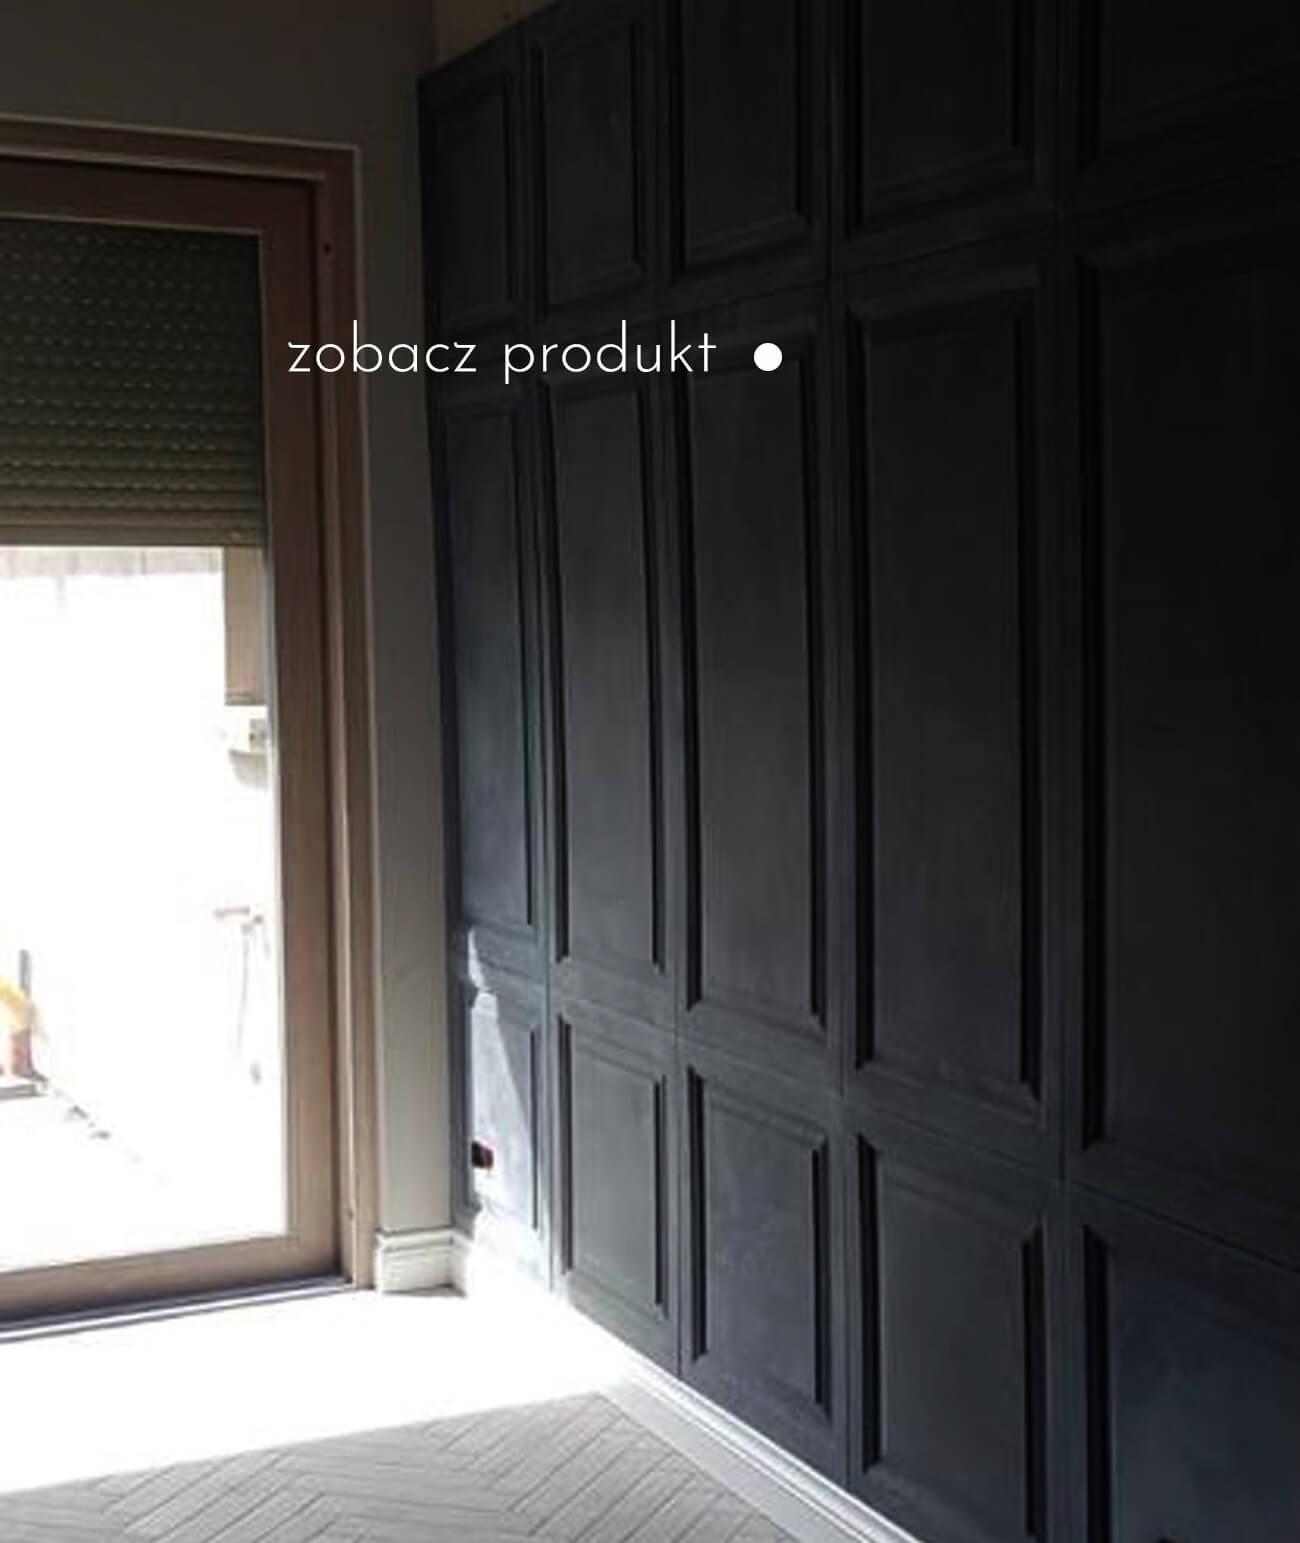 panele-betonowe-3d-scienne-i-elewacyjne-beton-architektoniczny_953-20393-pb33a-b15-czarny-rama---panel-dekor-3d-beton-architektoniczny-panel-scienny